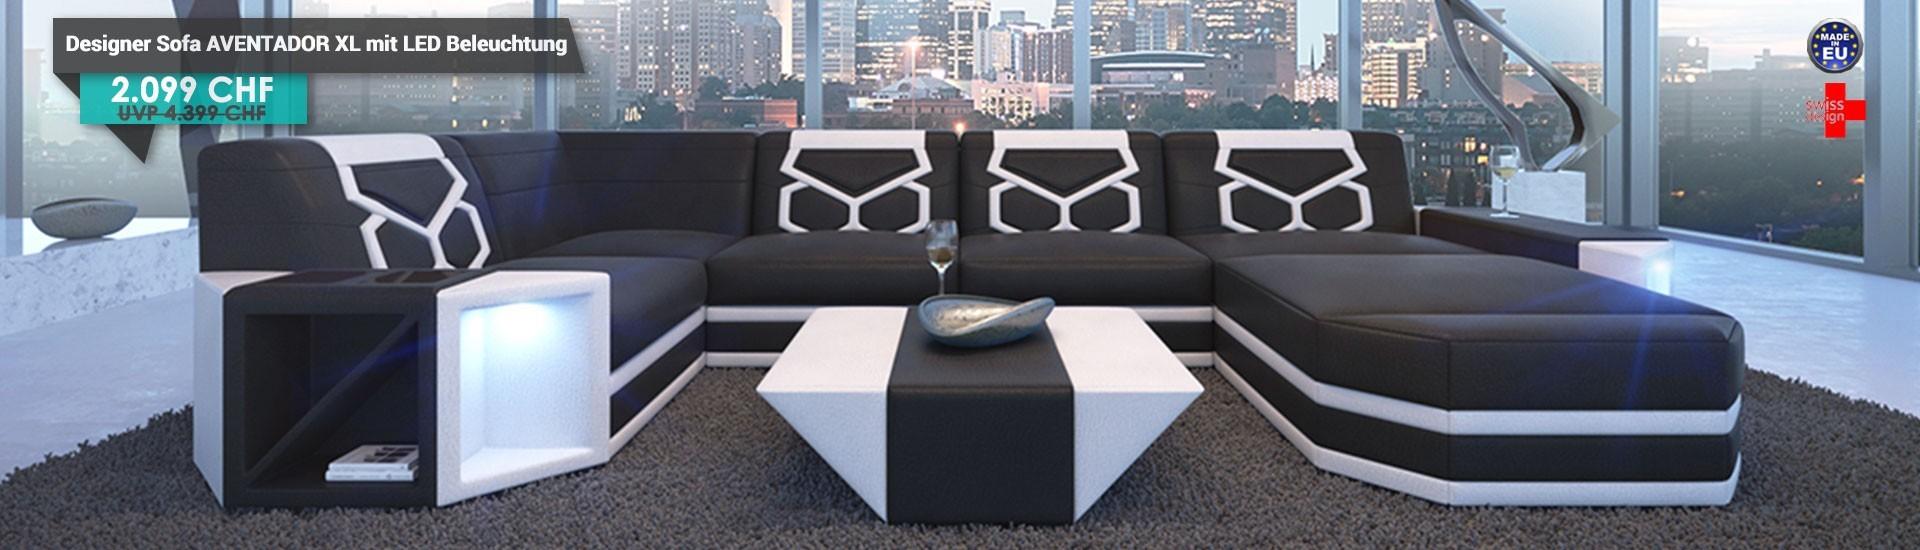 96 wohnzimmer deko auf rechnung immobilien moderne for Landhaus deko ga nstig